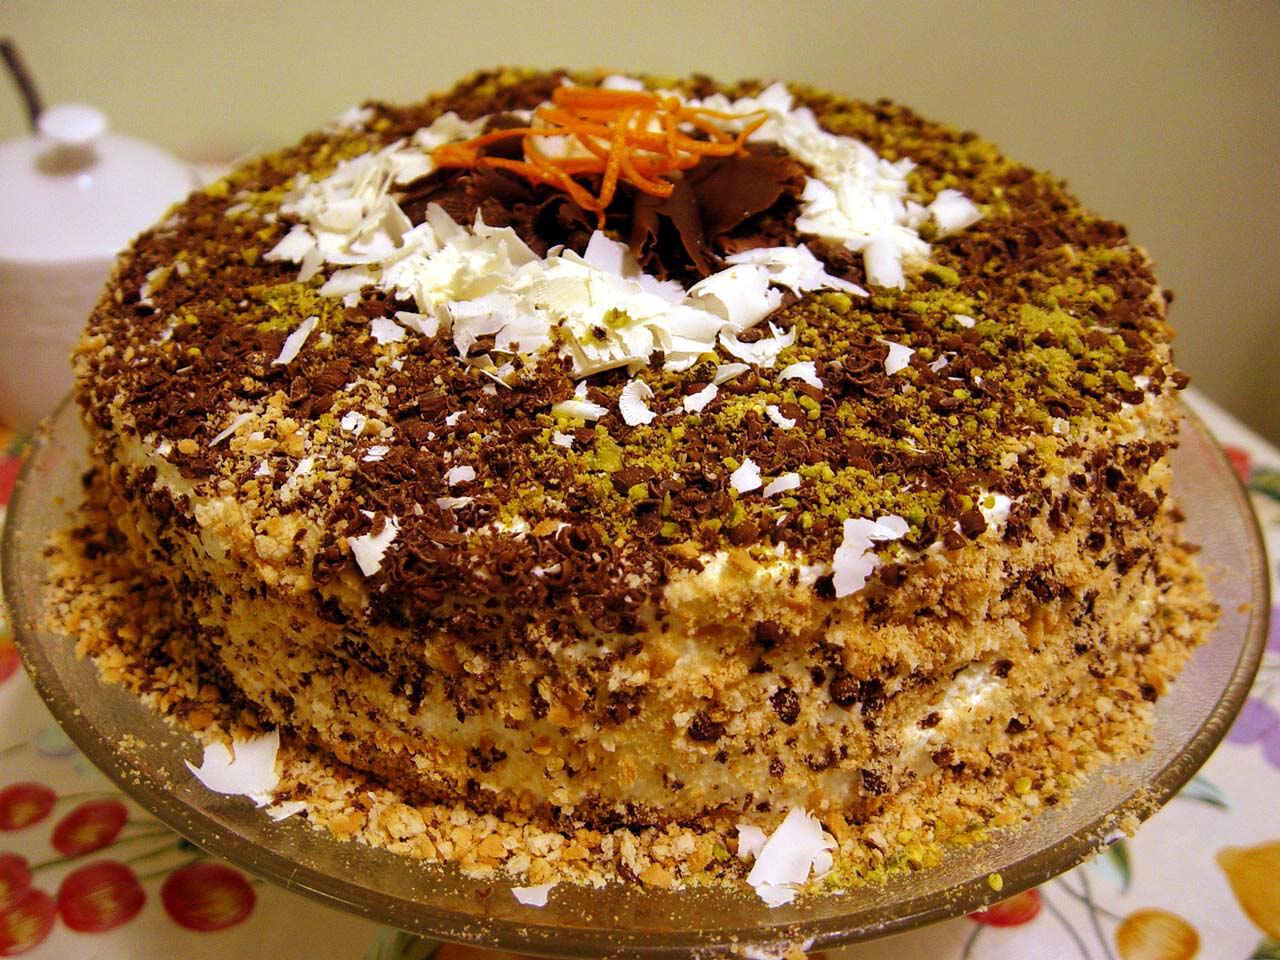 pasta ve kekler Lezzetli yemek tarifi en güzel yemekler ne pişirsem bugün kolay yemek tarifleri bedava yemek tarifi